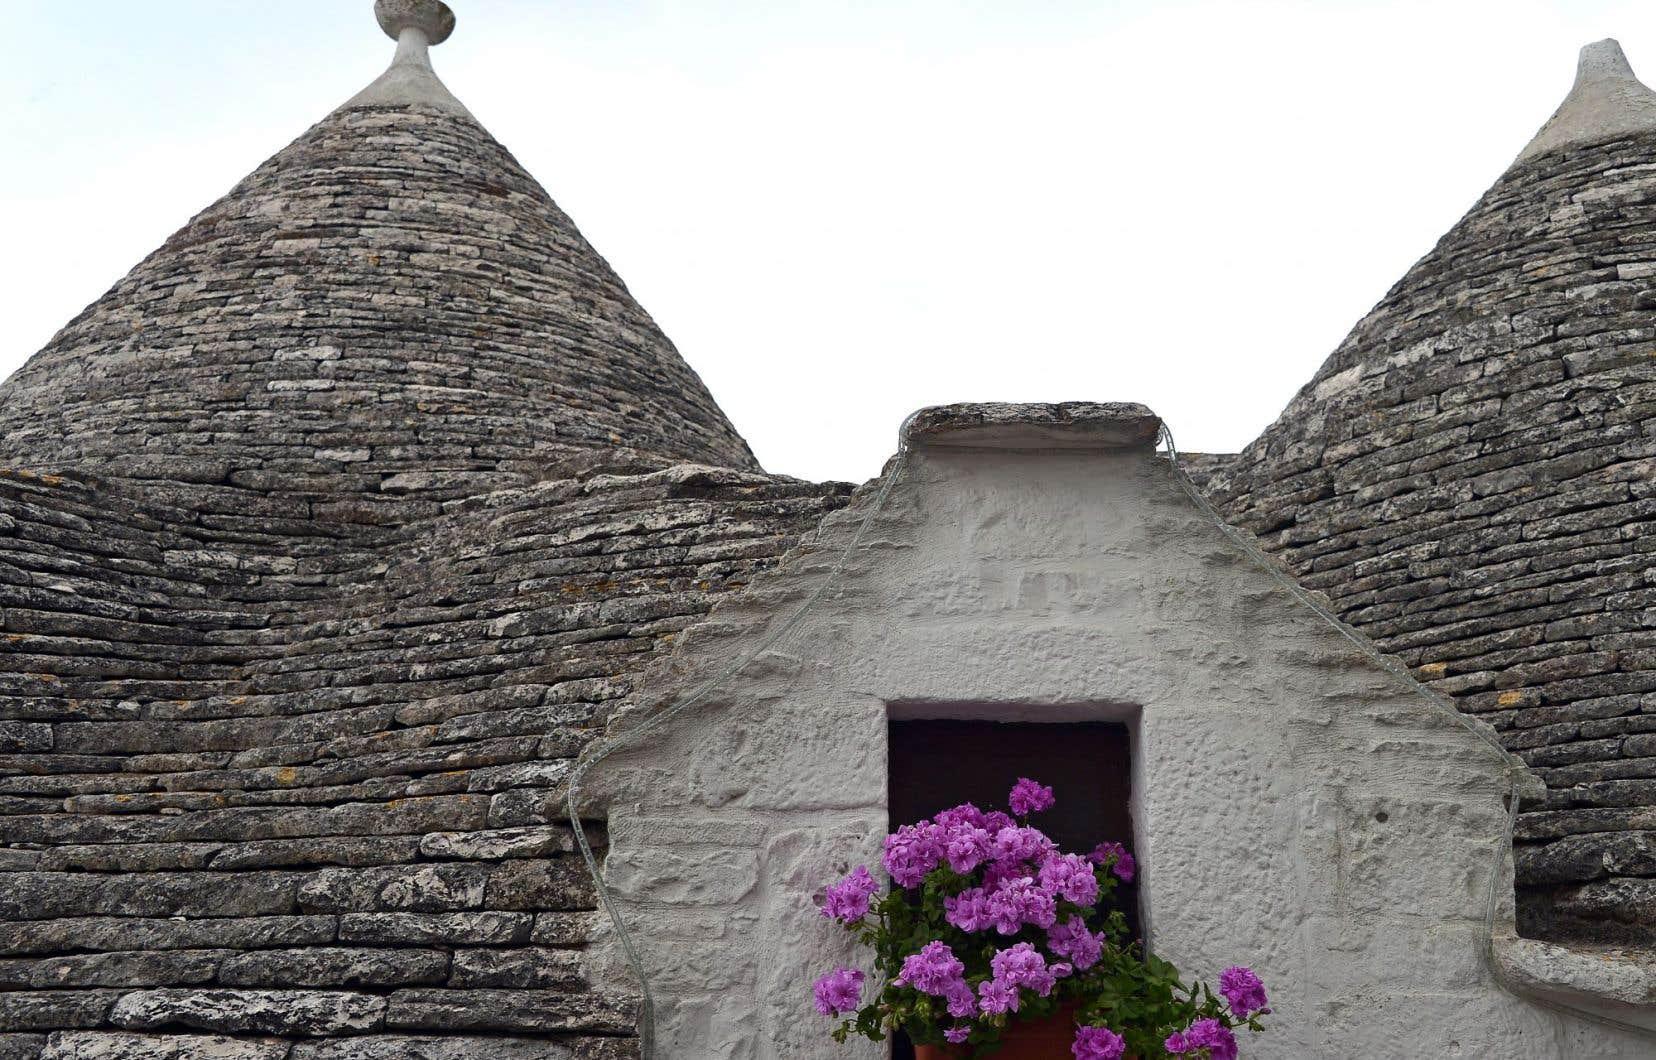 À Alberobello, dans la région italienne de Puglia, on trouve des trulli, ces pierres traditionnelles qui servaient à construire des cabanes au toit en forme de cônes, un style typique de la vallée d'Itria.